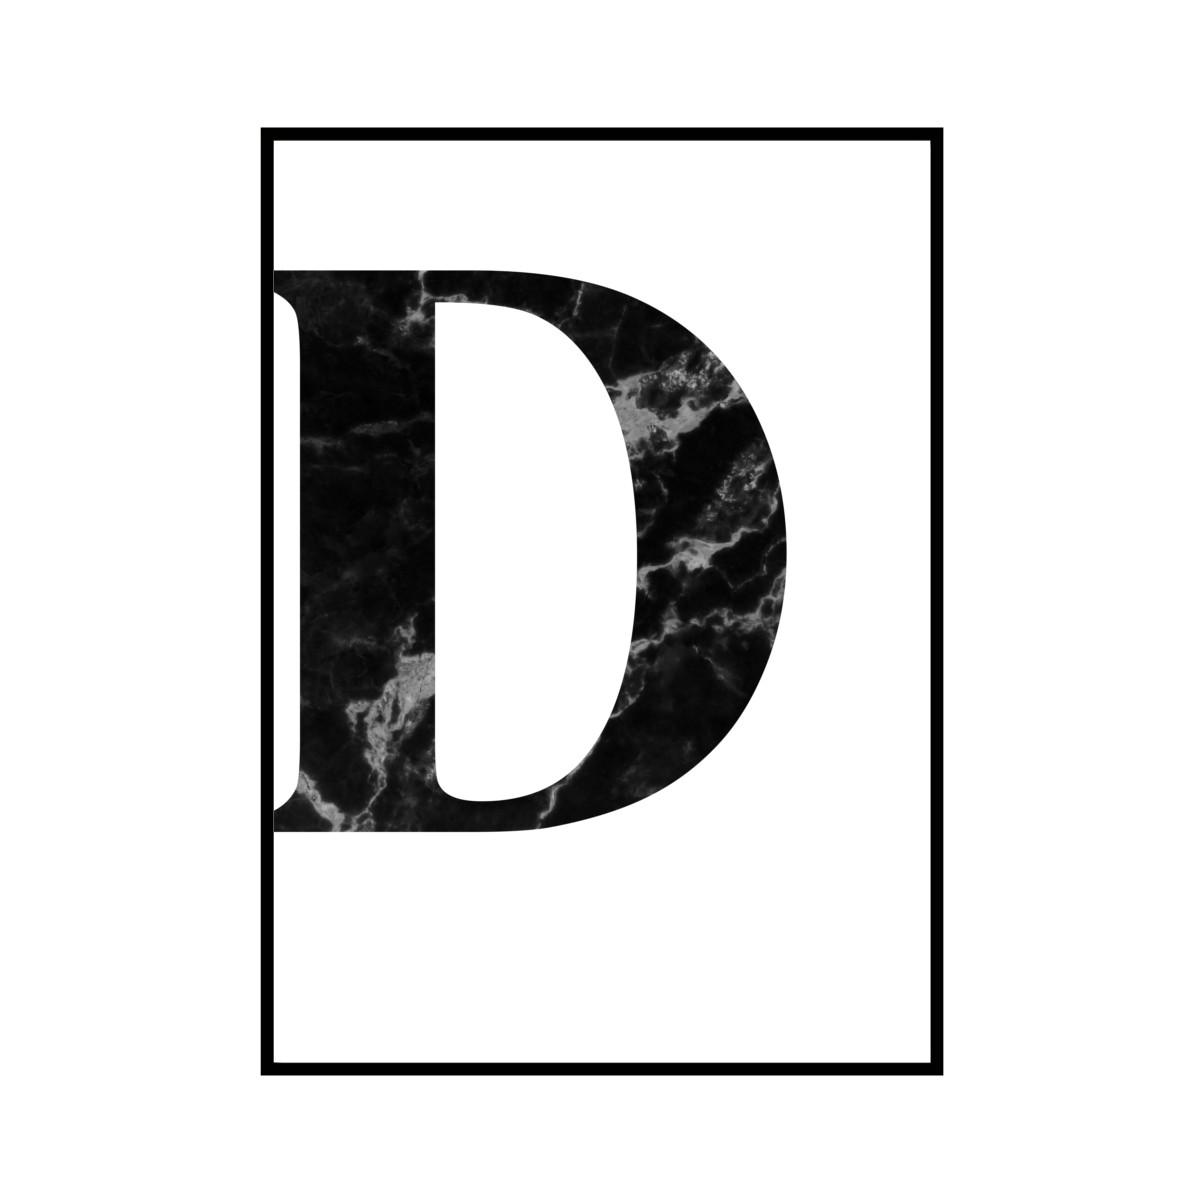 """""""D"""" 黒大理石 - Black marble - ALPHAシリーズ [SD-000505] A1サイズ ポスター単品"""